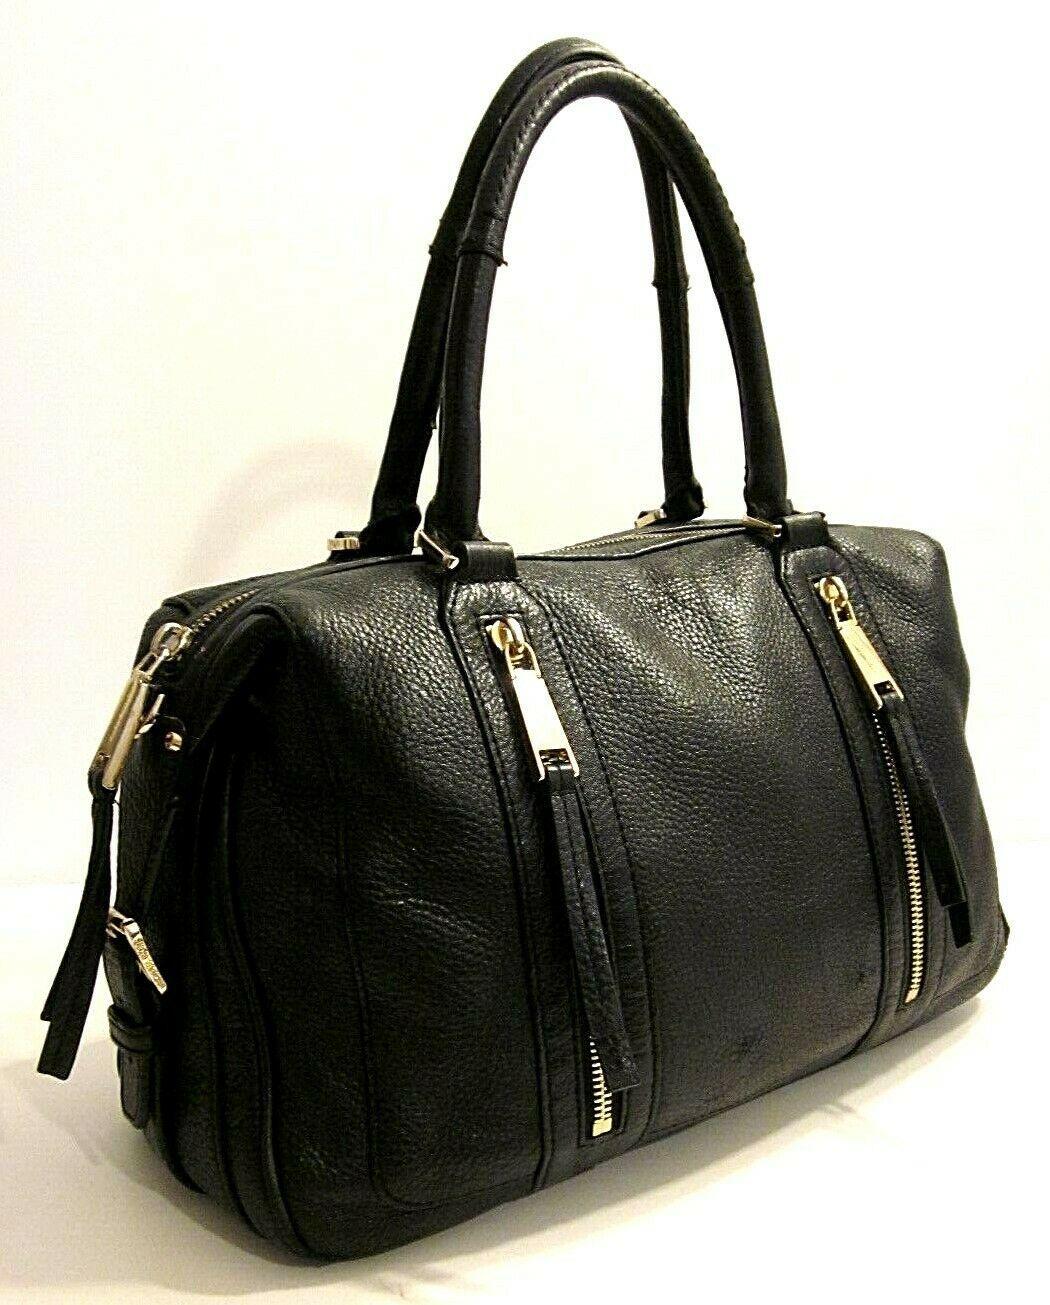 7c664d7a299d Michael Kors Black Genuine Leather Satchel Shoulder Bag Purse (briefcase)  #fashion #leatherbag